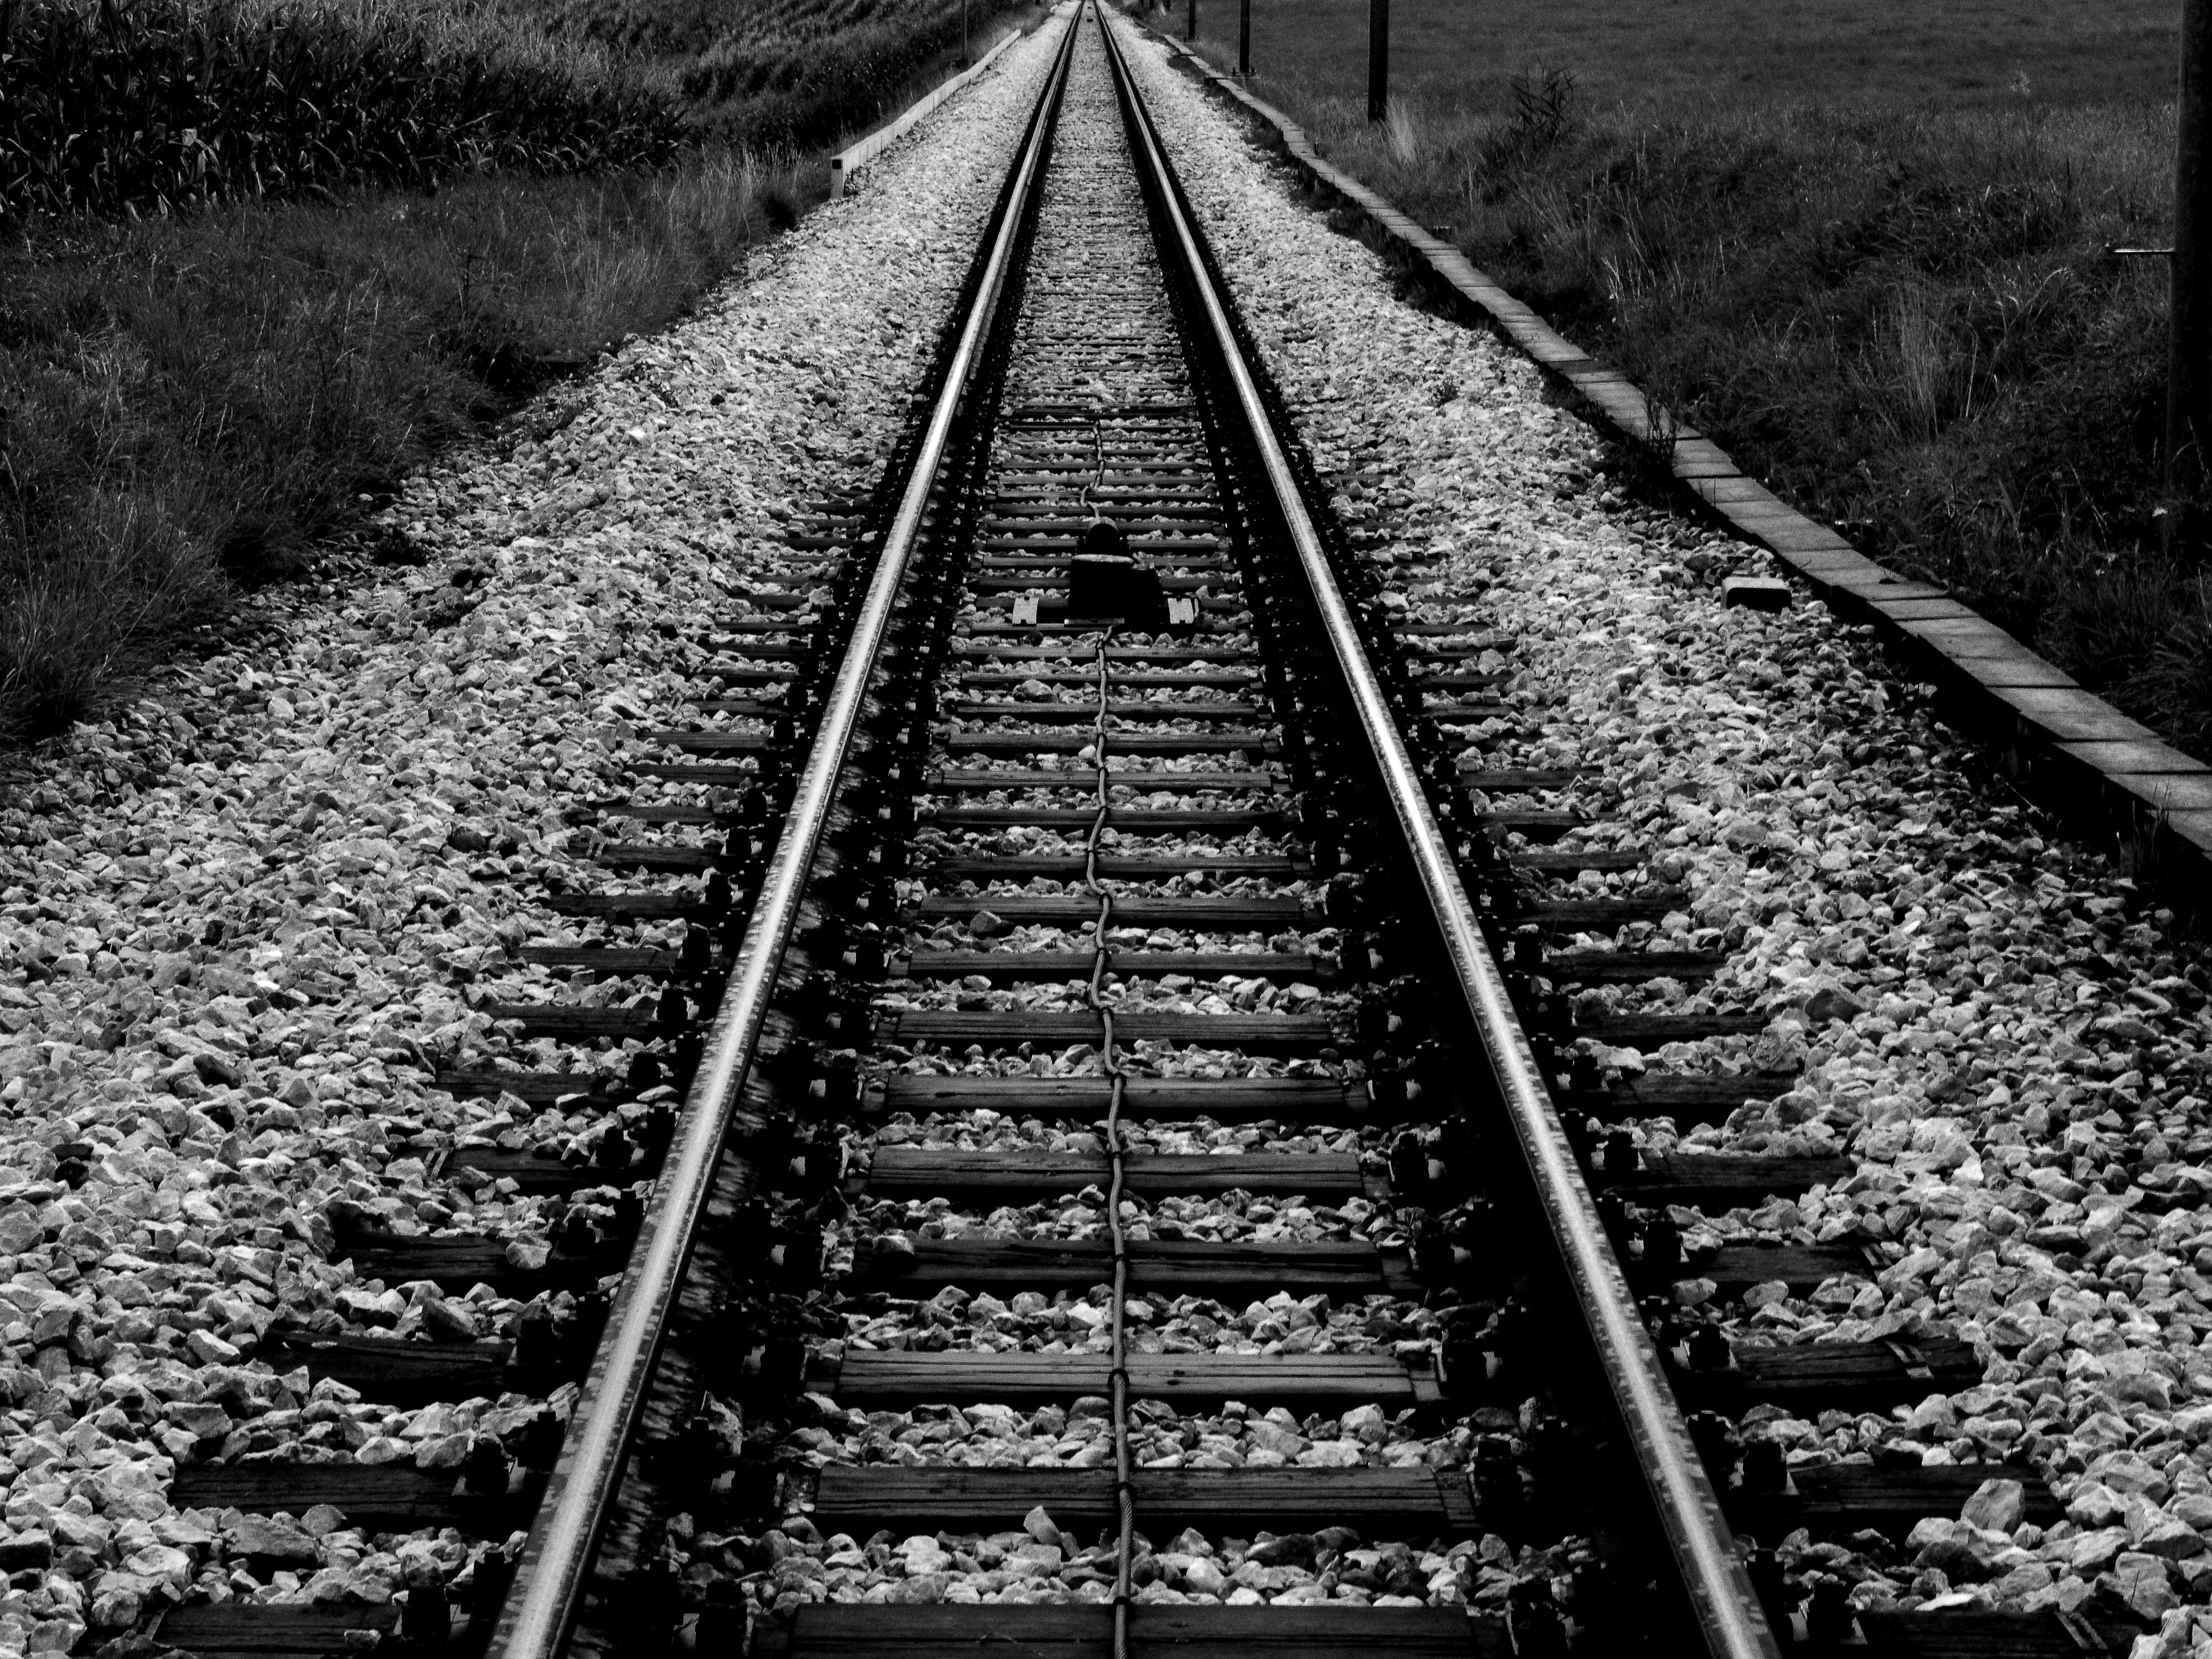 Gambar Hitam Dan Putih Kereta Api Jalan Kereta Api Perspektif Melatih Perjalanan Angkutan Mengangkut Garis Satu Warna Trek Infrastruktur Rel Simetri Jalur Kereta Api Transportasi Kereta Api Titik Hilang Fotografi Monokrom